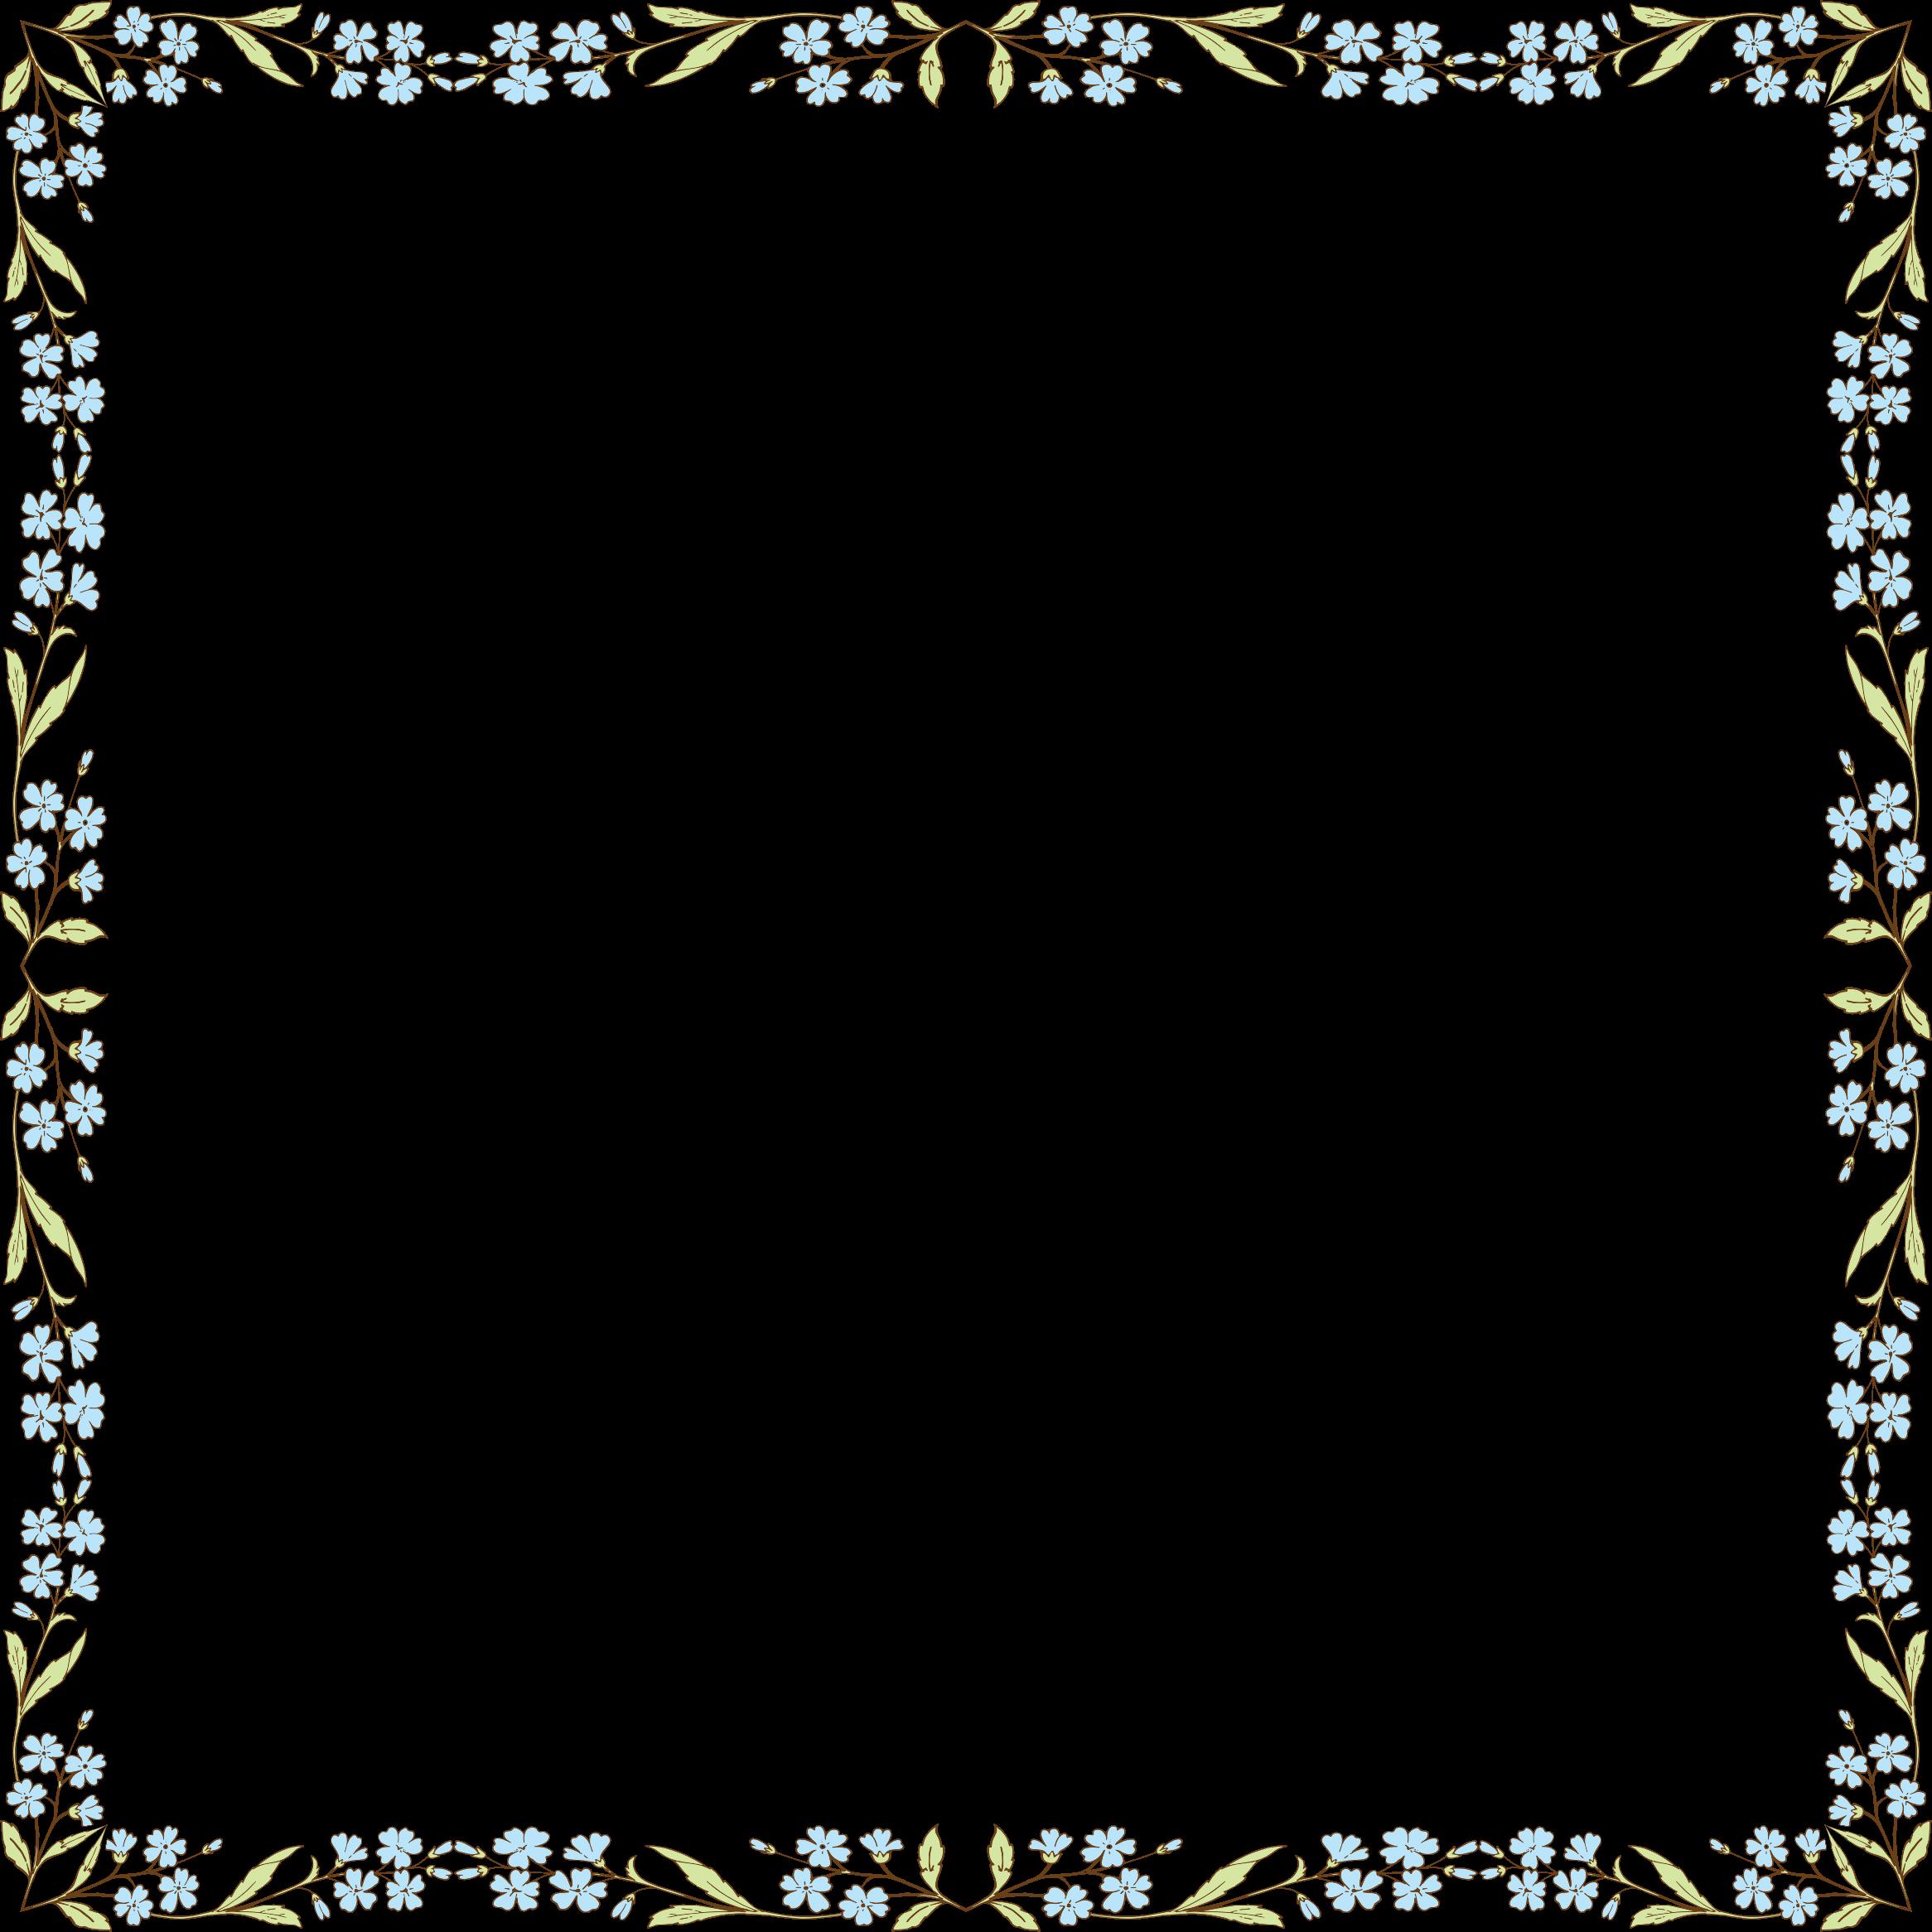 Clipart frame blue flower. Flowers big image png